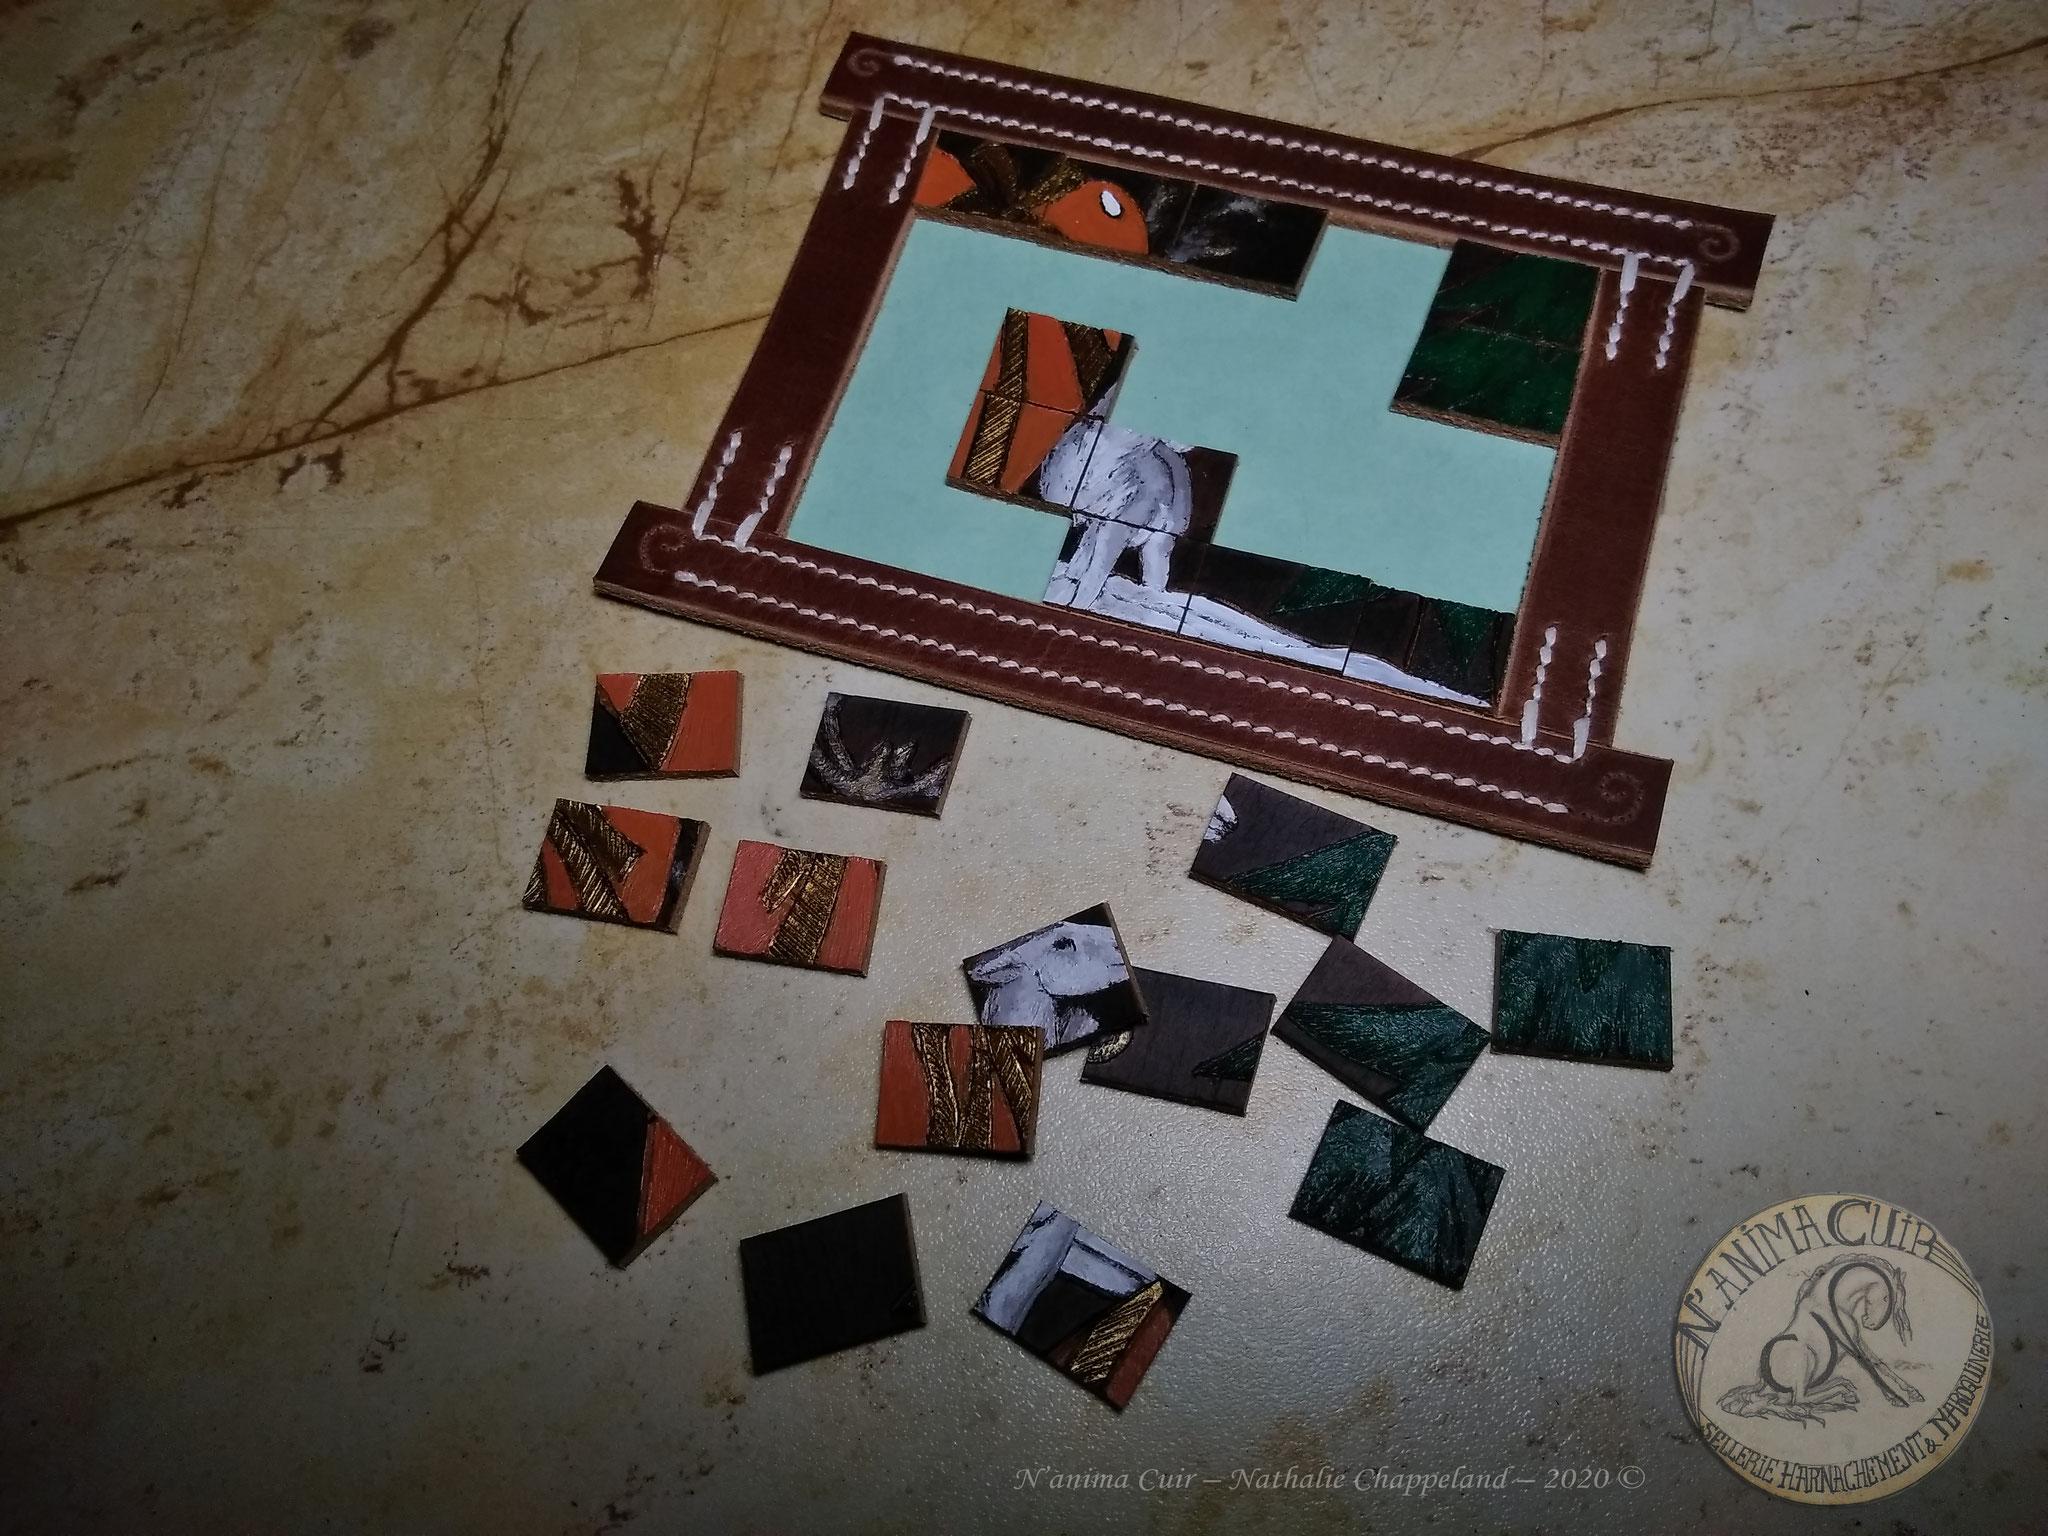 puzzle de Noël - finalité cadre déco de Noël, pyrogravure et peinture sur cuir, pièces et encadrement cuir, dim. ~110x115x3mm, couture main au point sellier, N'anima Cuir 2020 .